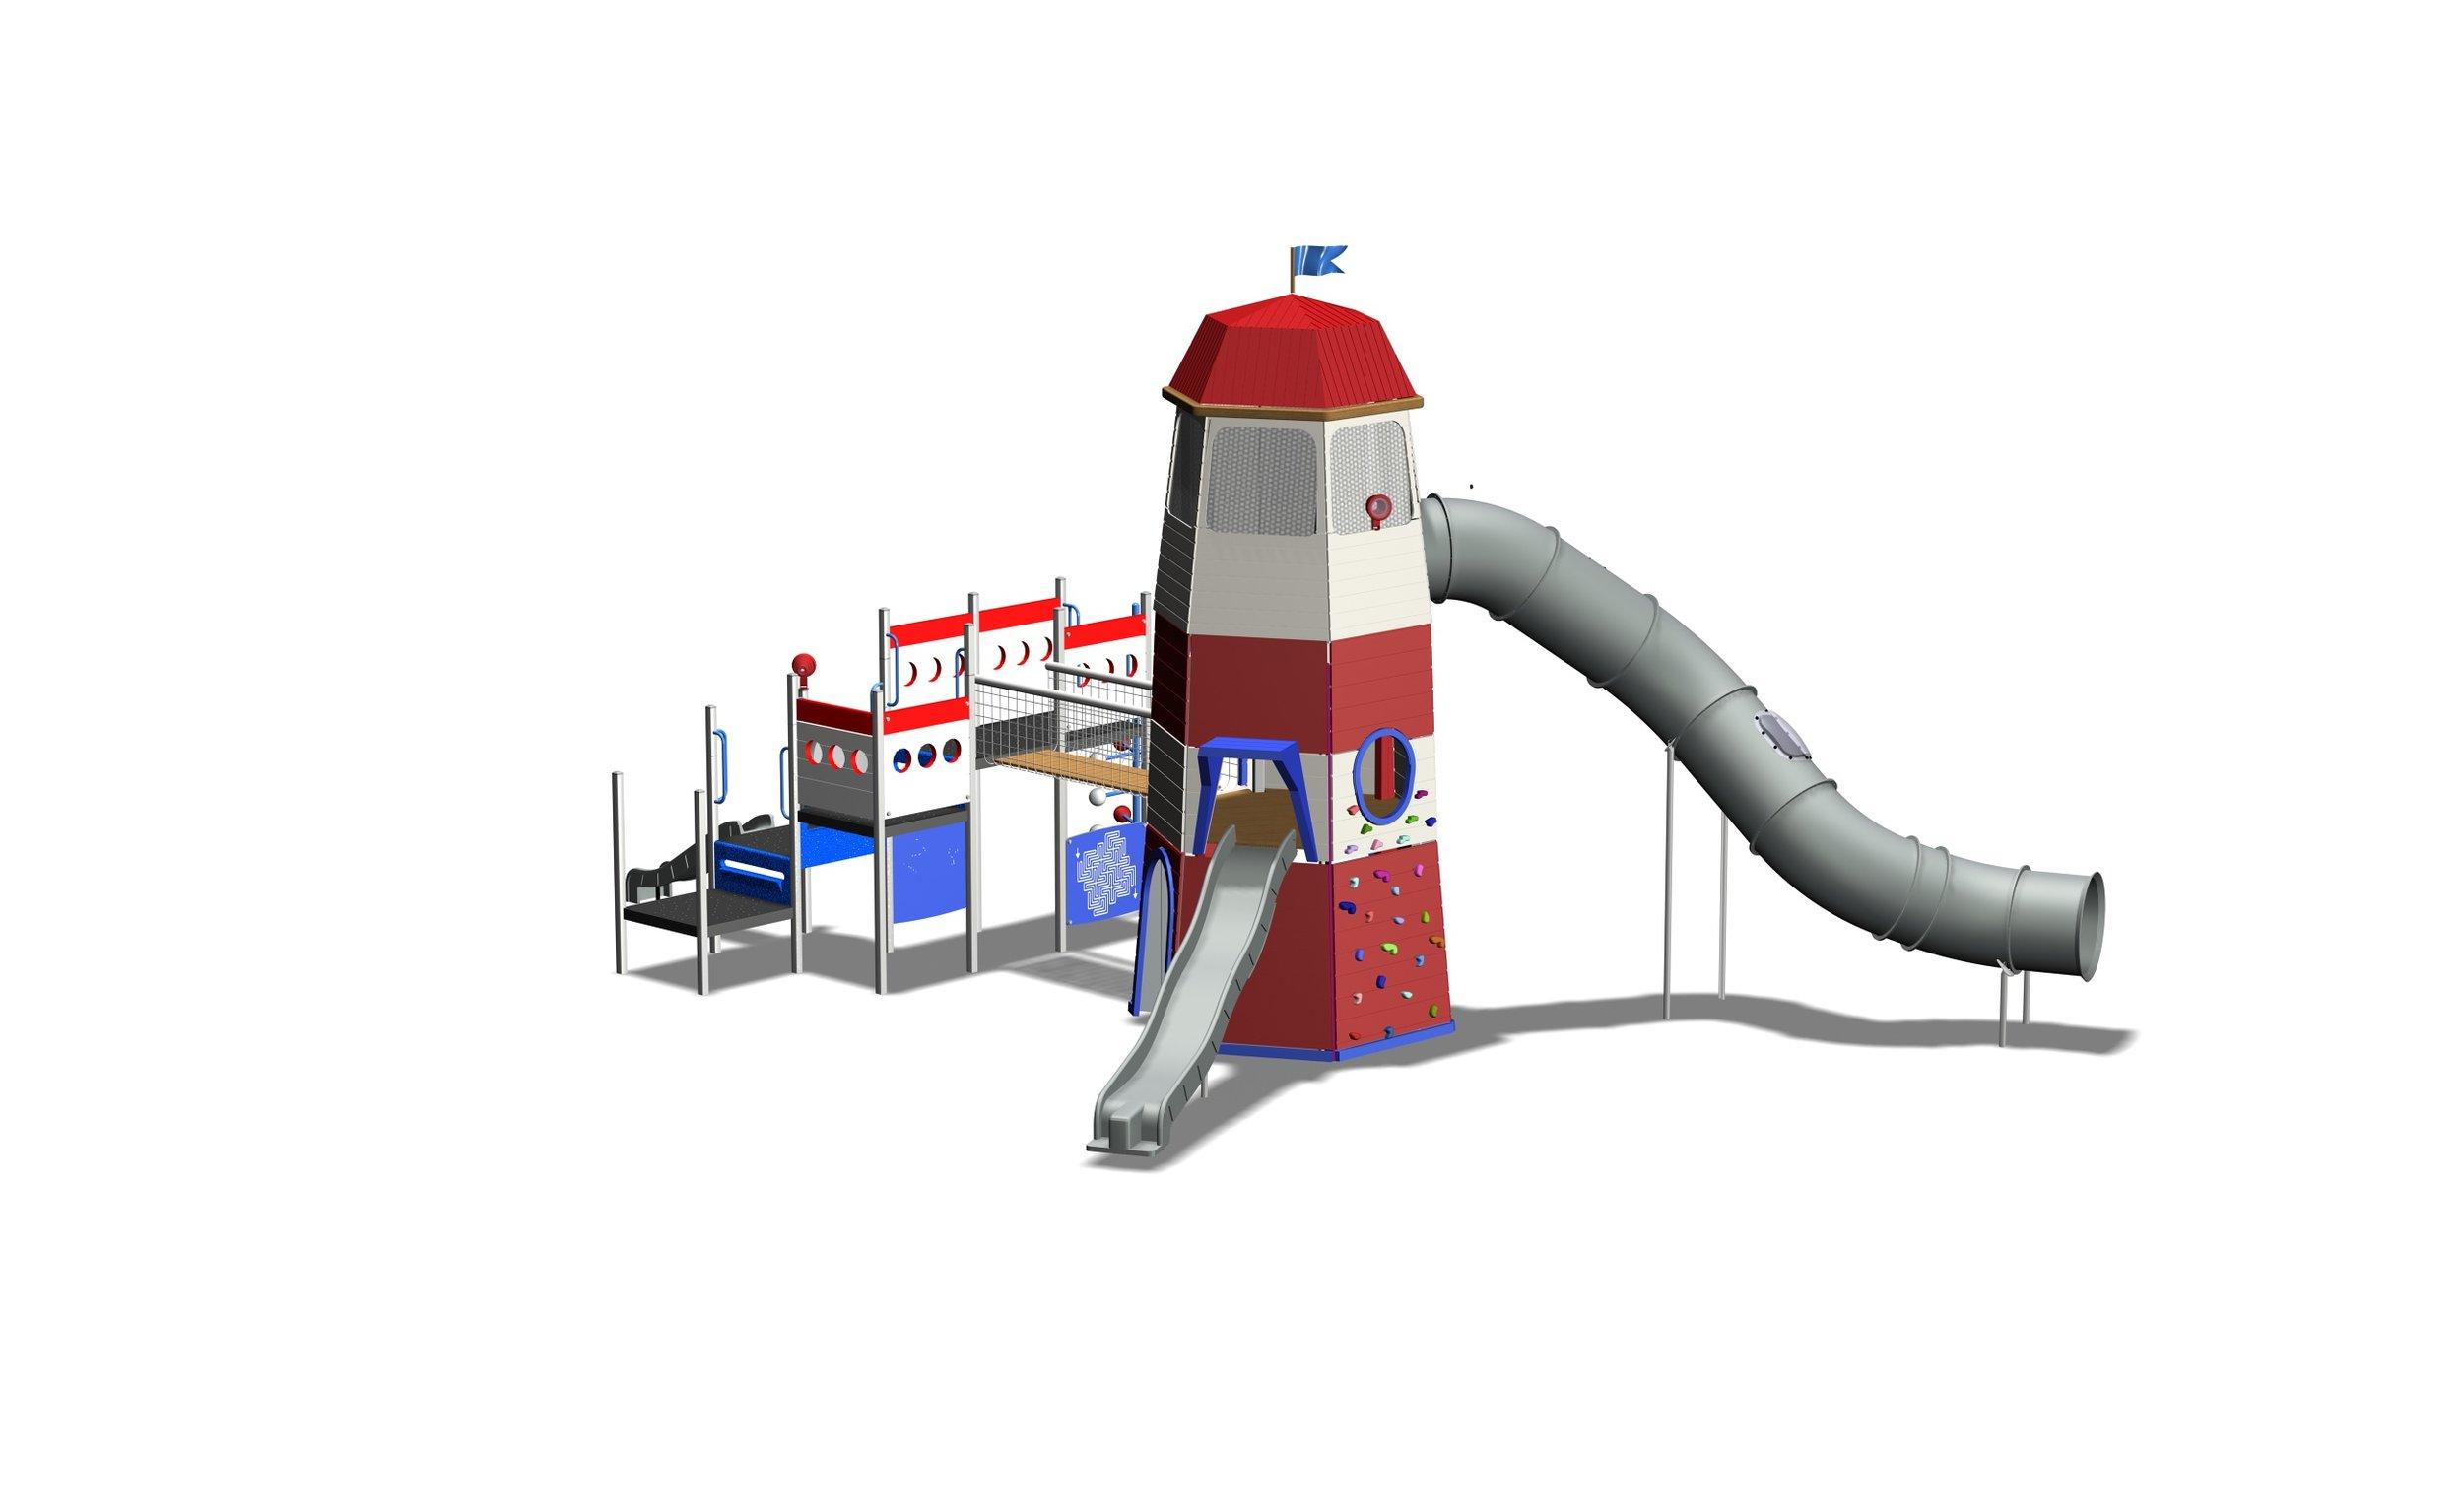 Tooradin Tower Render 1.jpg